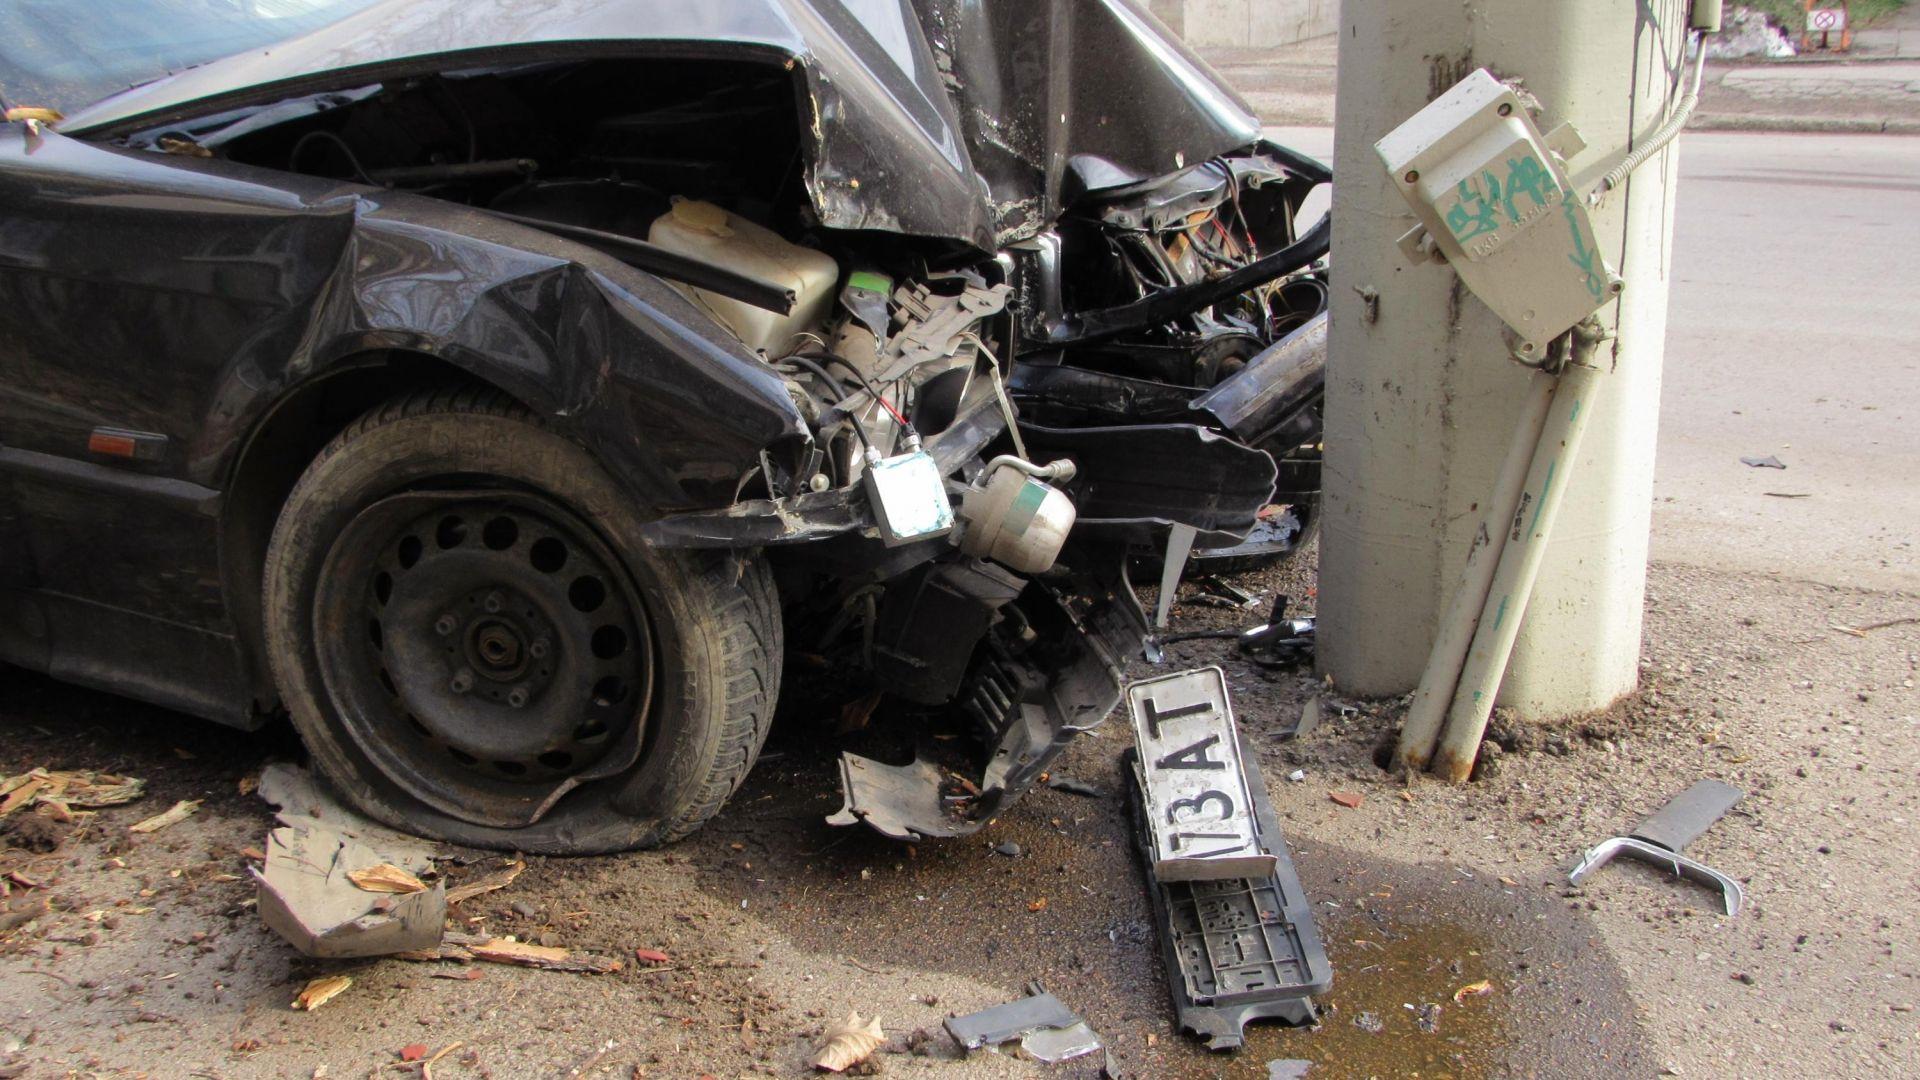 БМВ отсече дърво и се заби в тролейбусен стълб, младежи са ранени (снимки, видео)